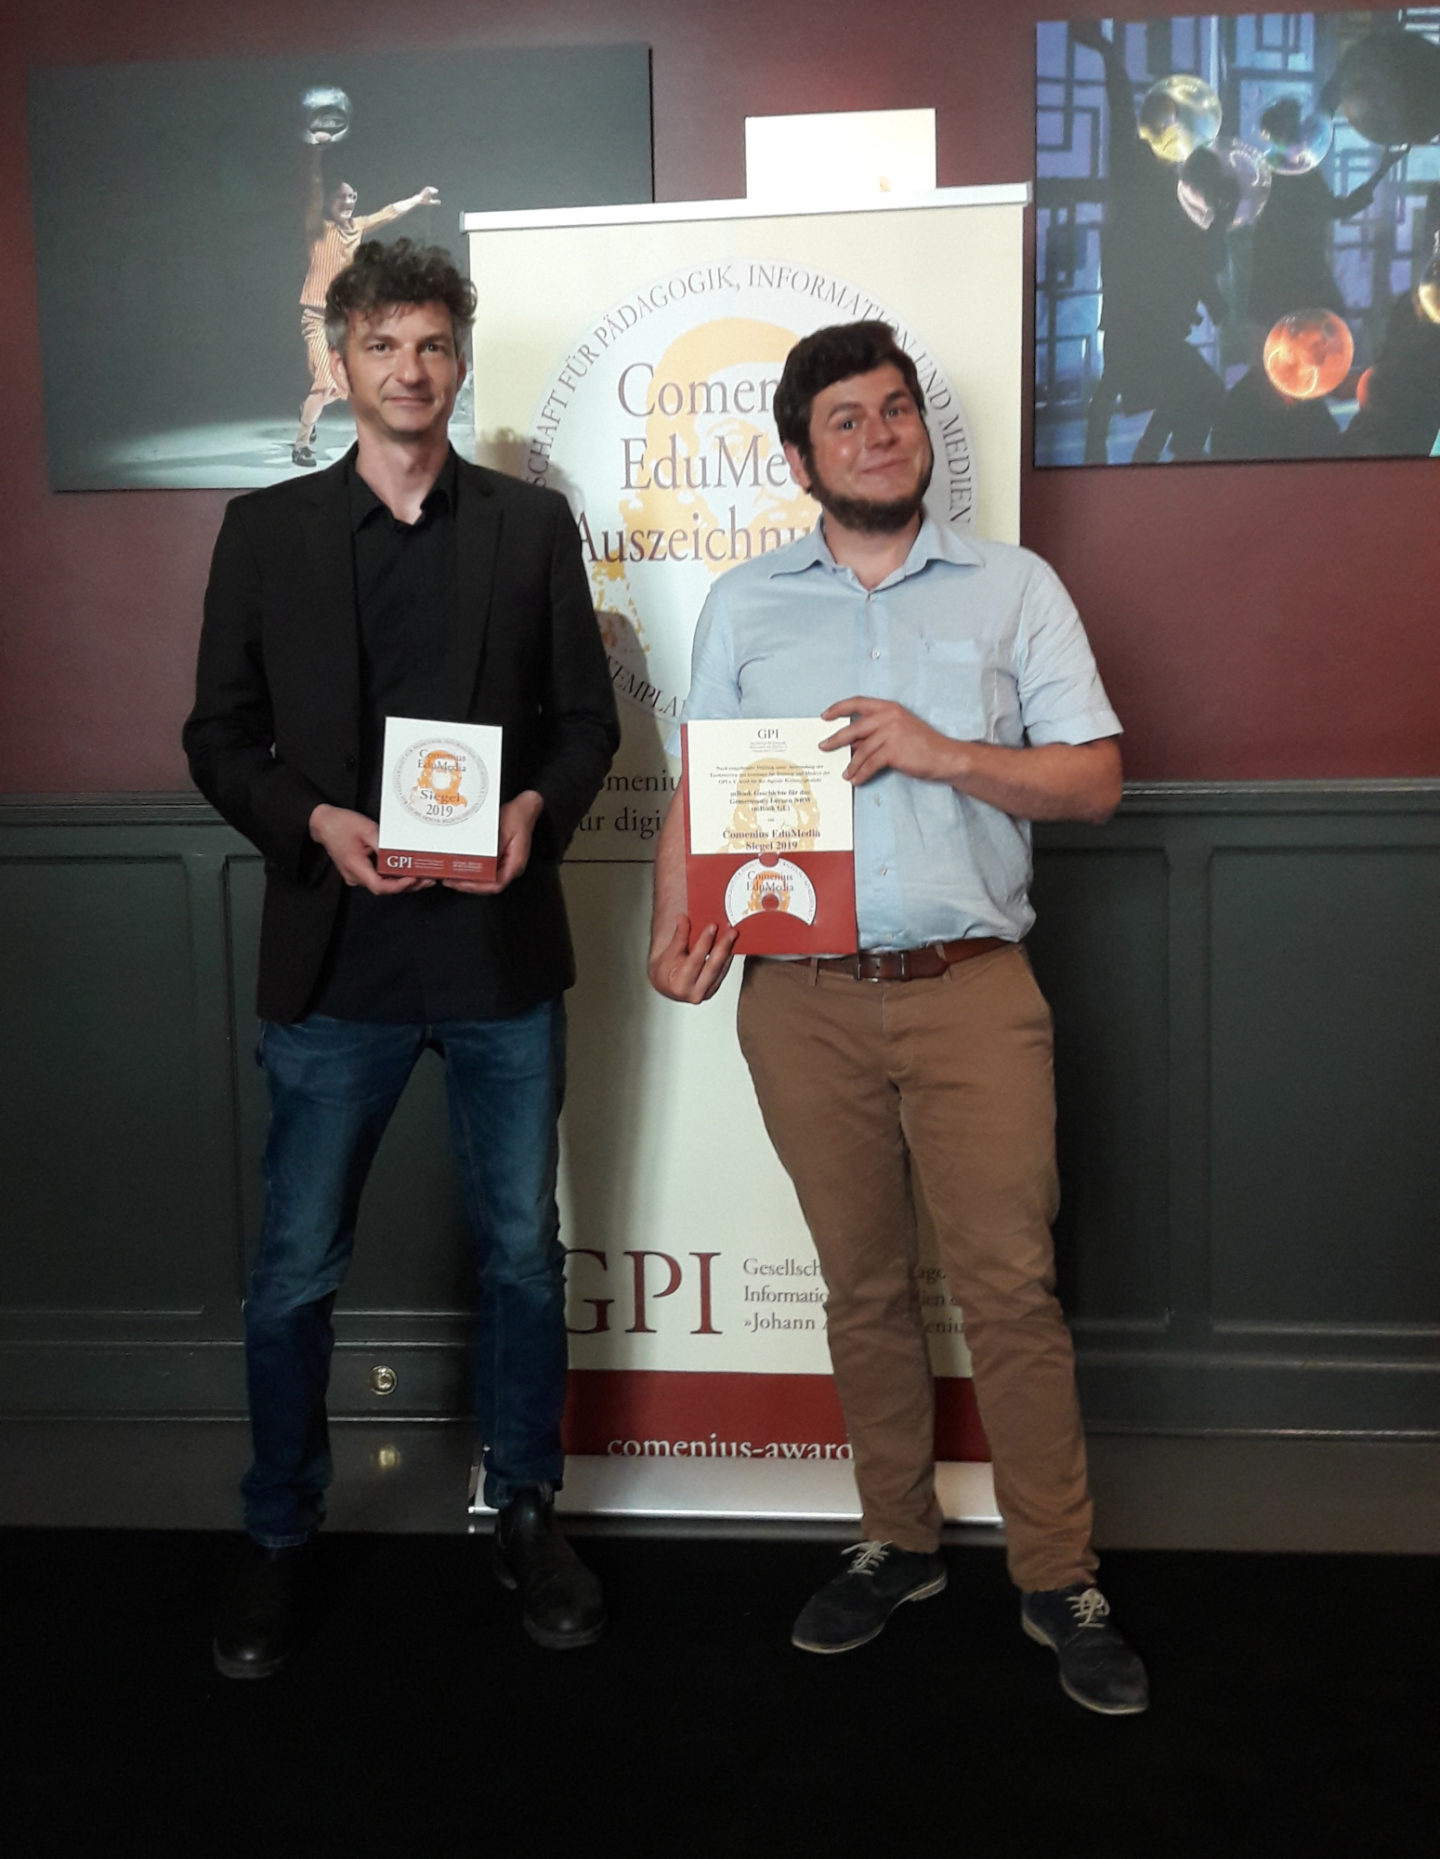 Zwei Honigkuchenpferde: Ralph Aßent (Medienberatung NRW) und Maximilian Trummer (Institut für digitales Lernen)